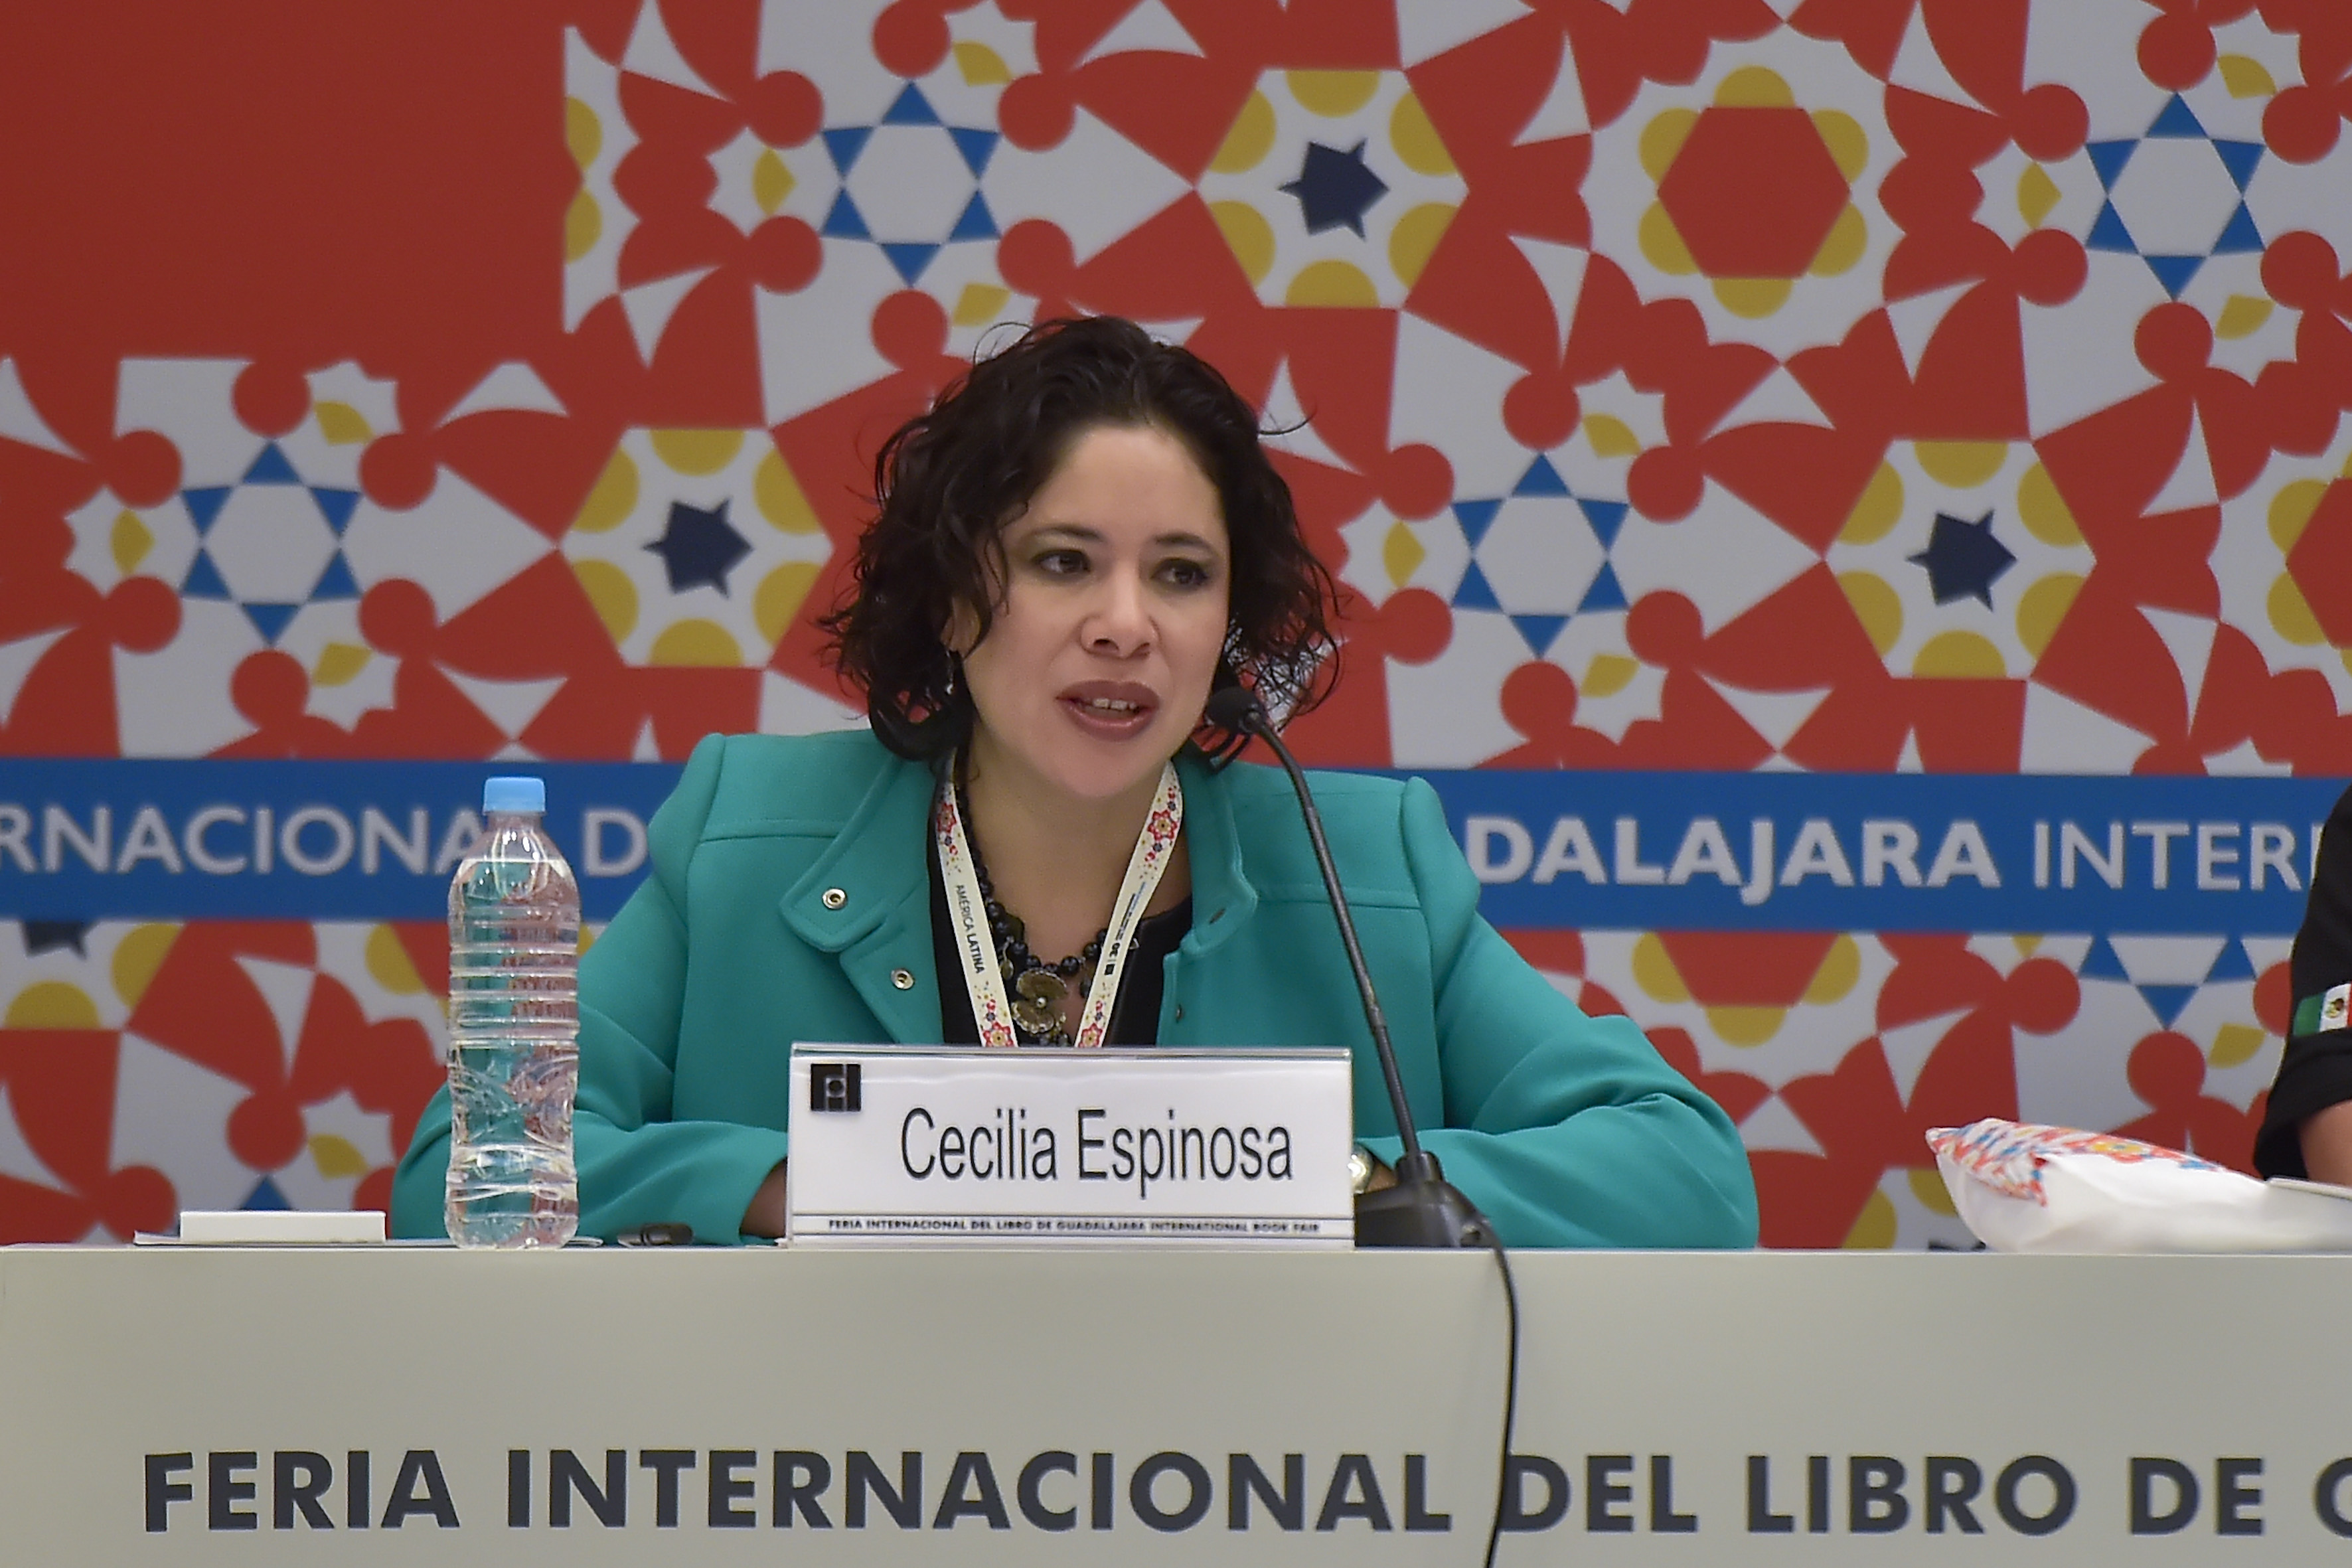 Cecilia Espinoza, directora de la Fundación SM y quien auspicia el programa de promoción de la lectura, con micrófono en mesa del panel, haciendo uso de la palabra.